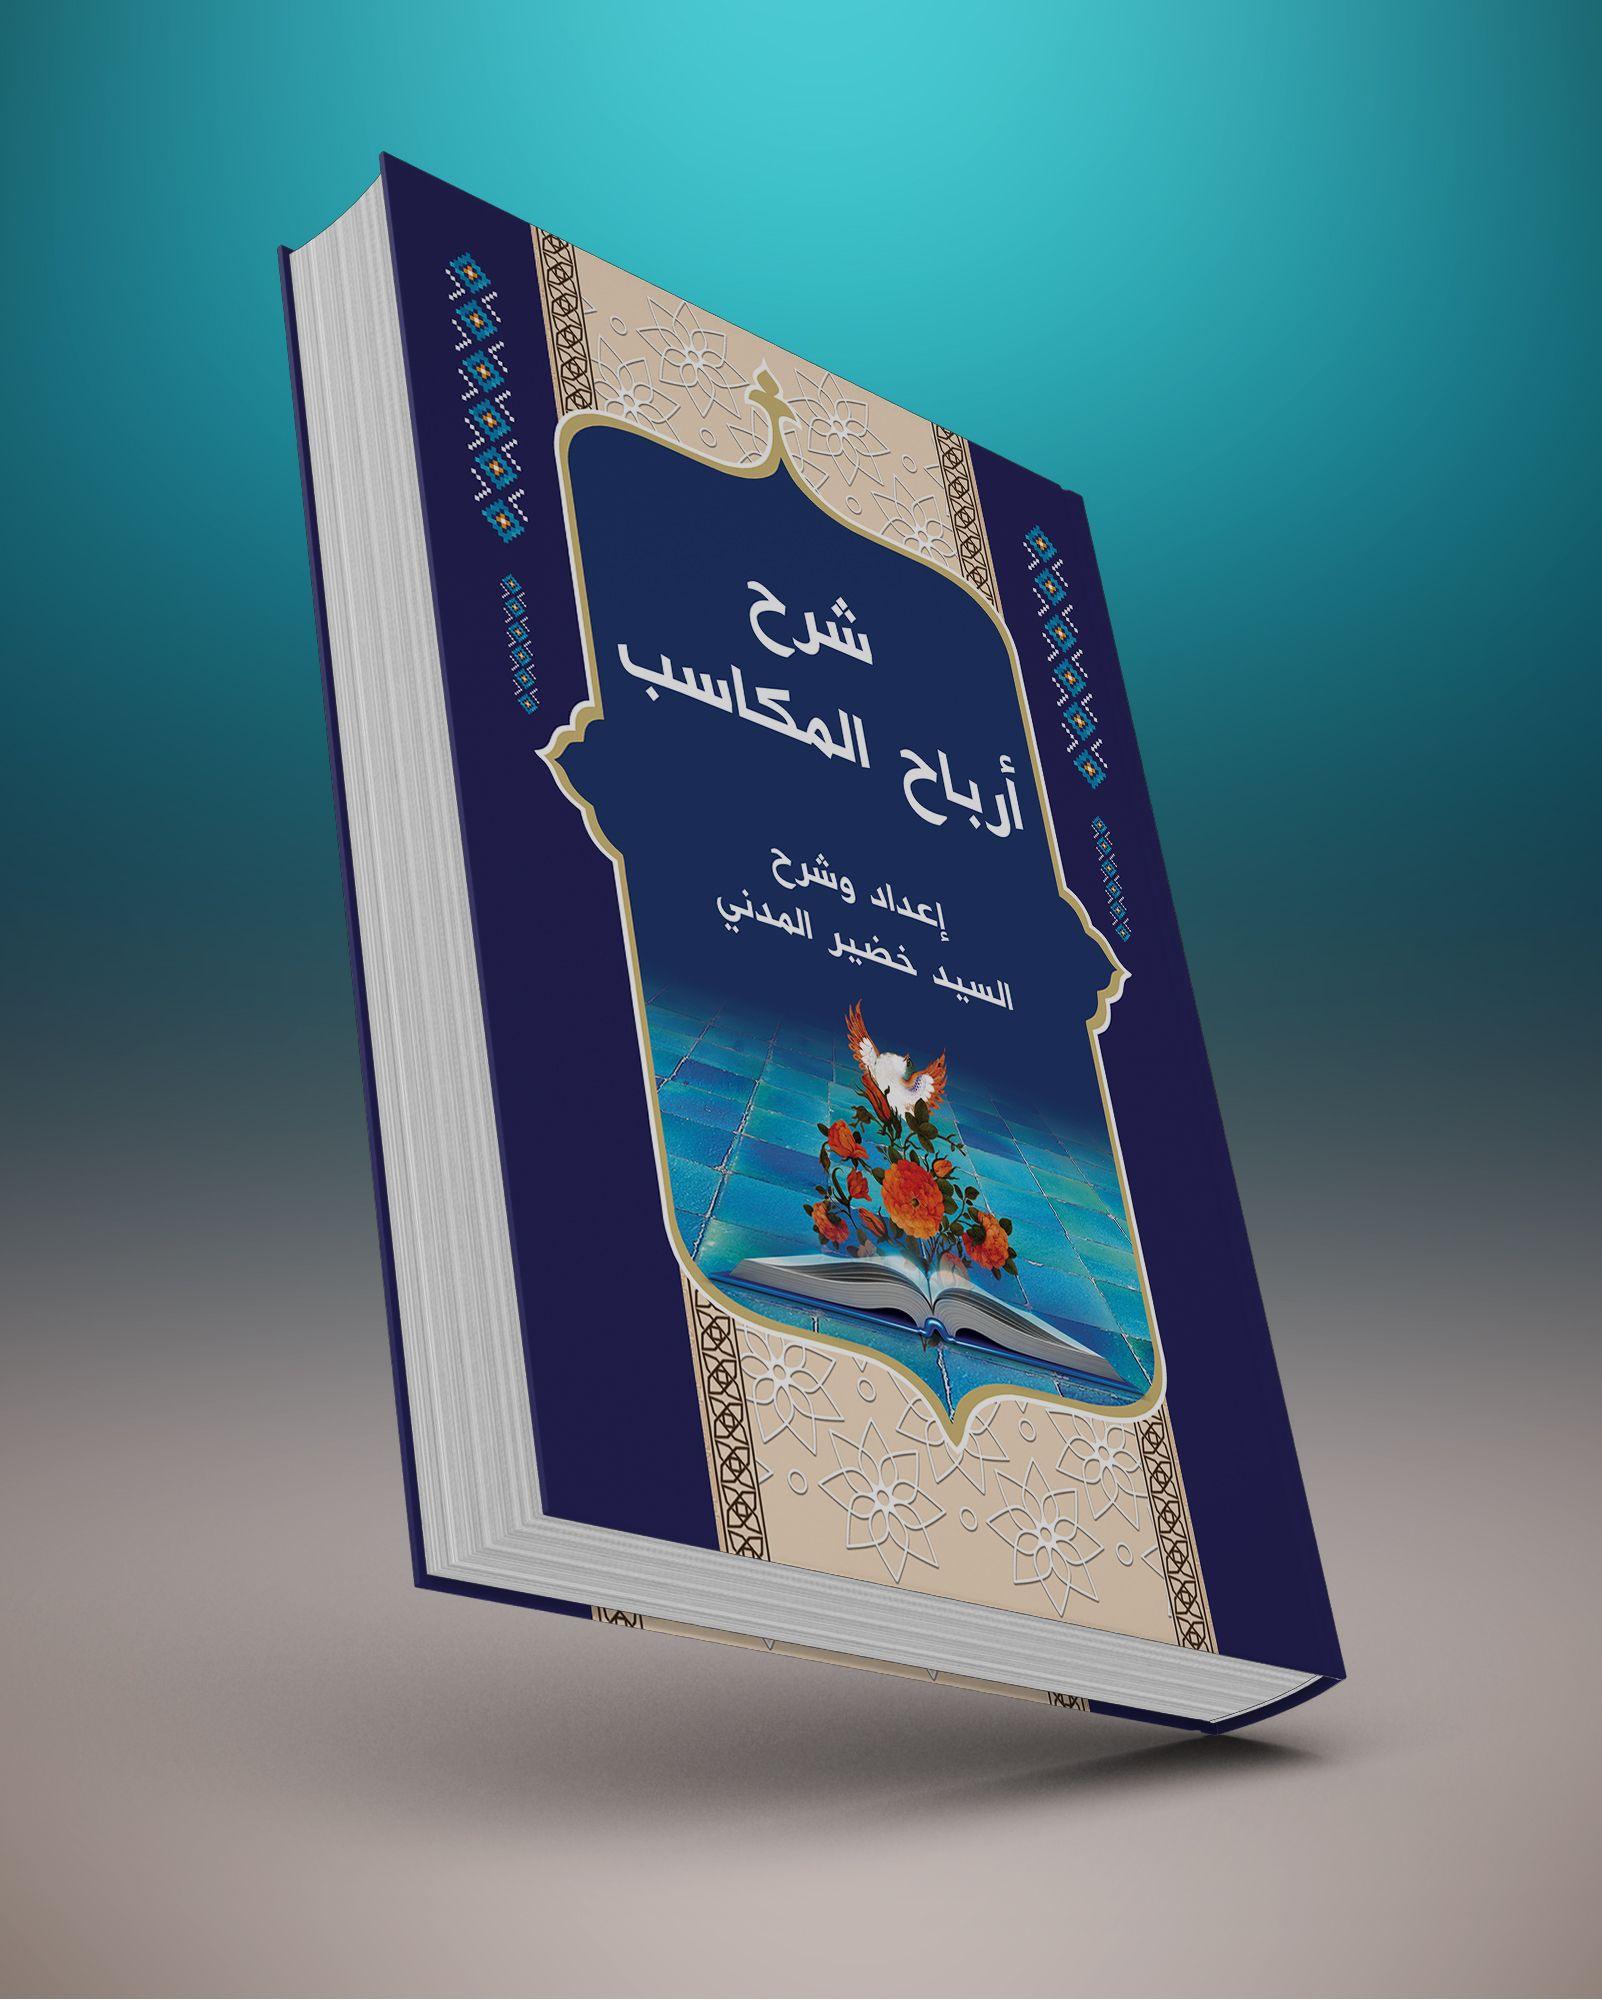 غلاف كتاب شرح ارباح المكاسب تصميم دار الوارث للطباعة والنشر جعفر الربيعي Book Cover Book Design Book Cover Cover Design